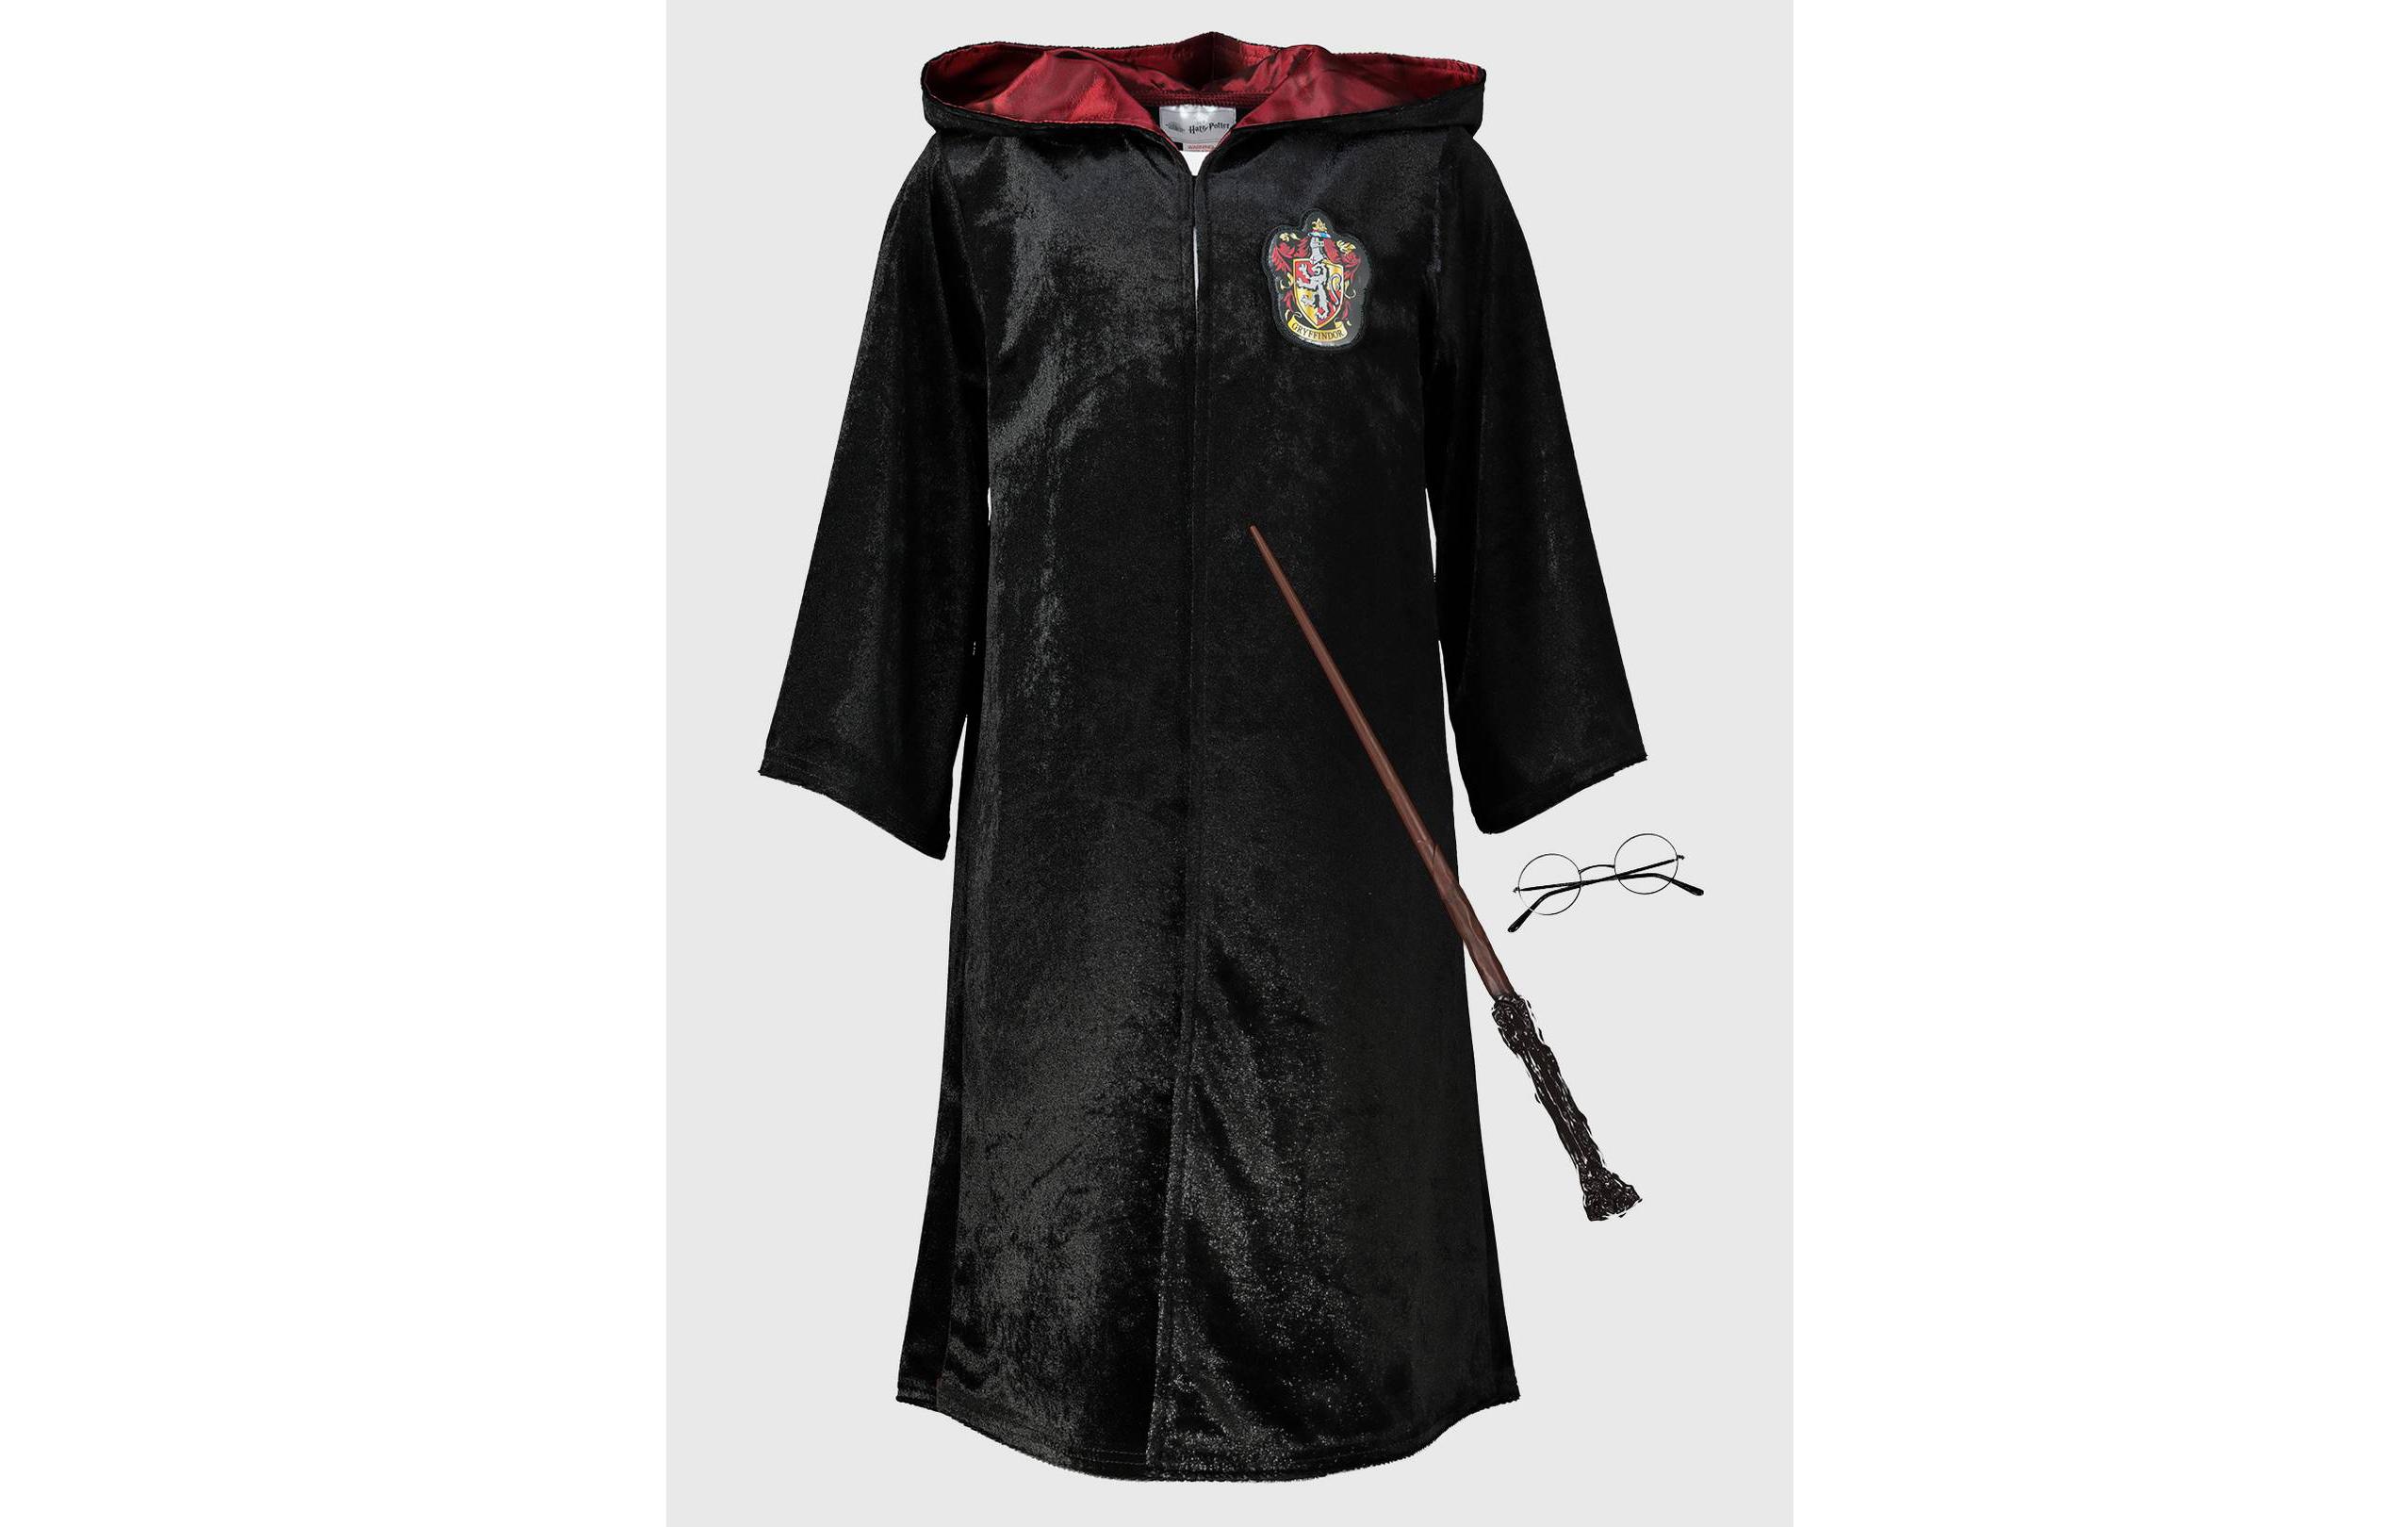 Costume d'Halloween pour enfants Harry Potter